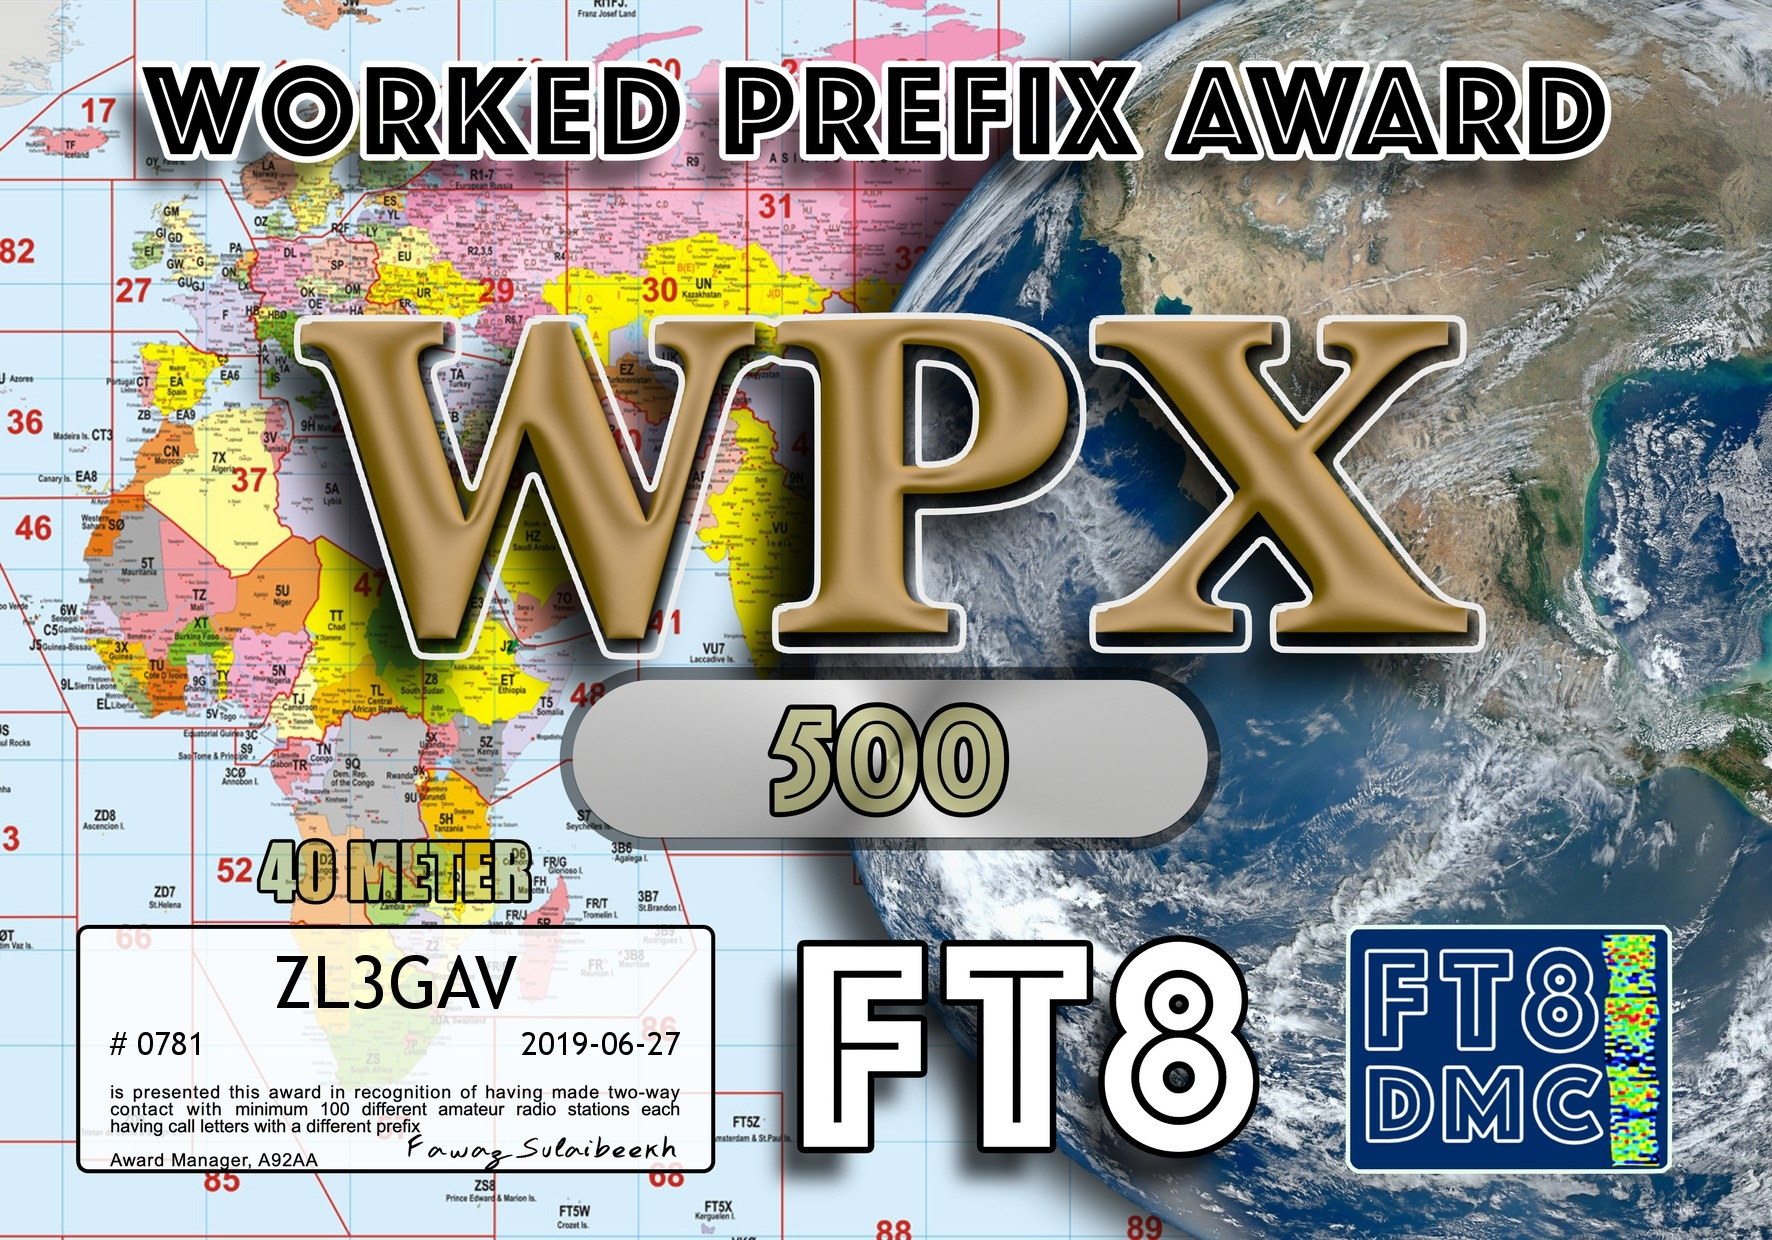 ZL3GAV-WPX40-500.jpg